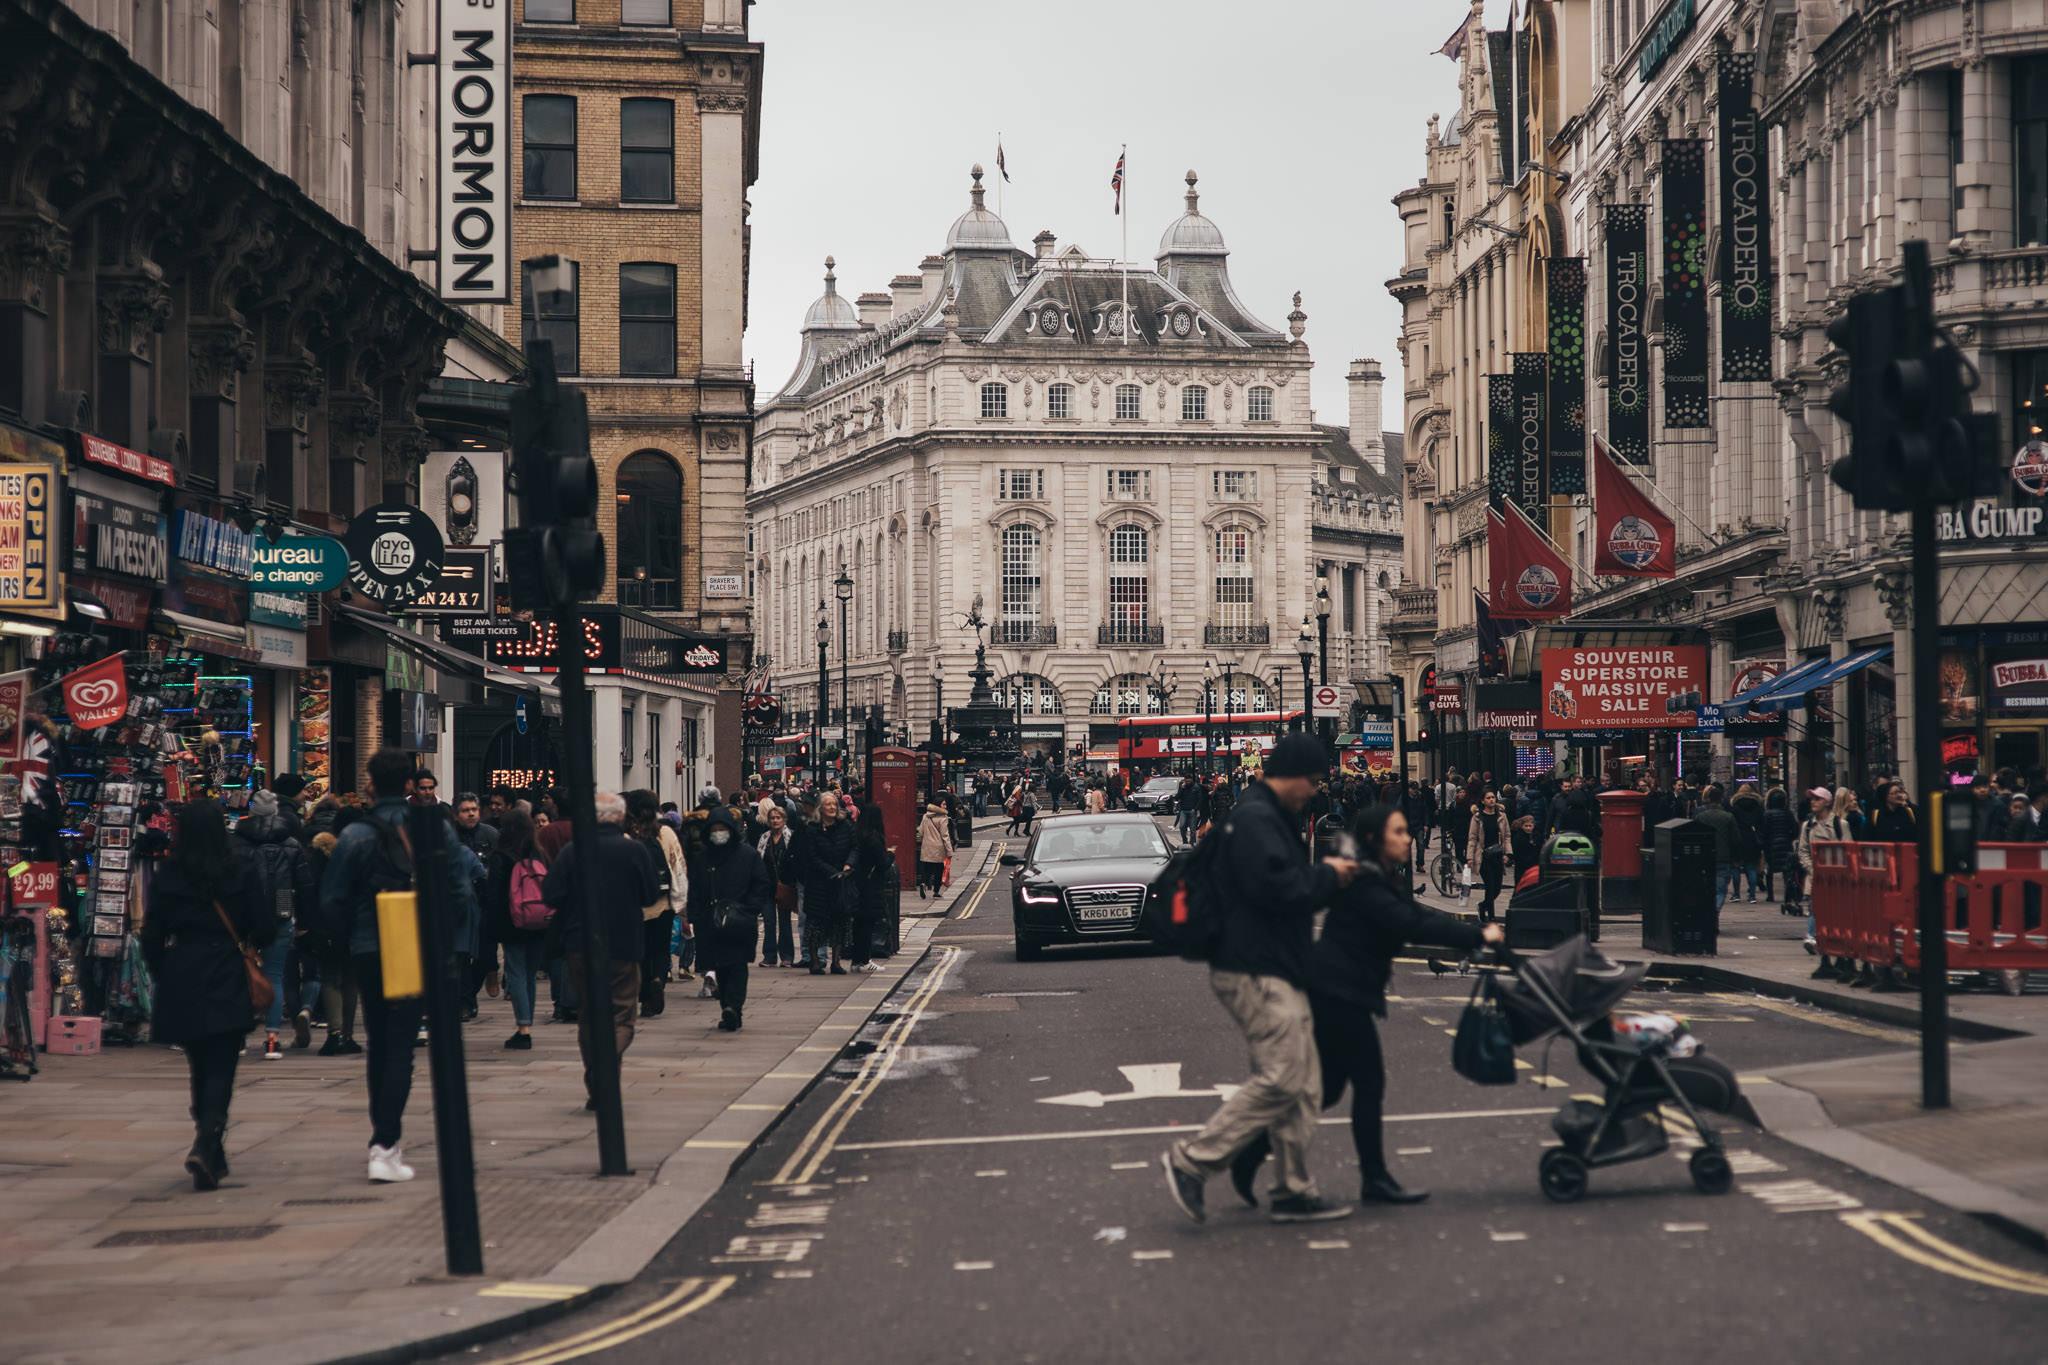 Smutny Londyn